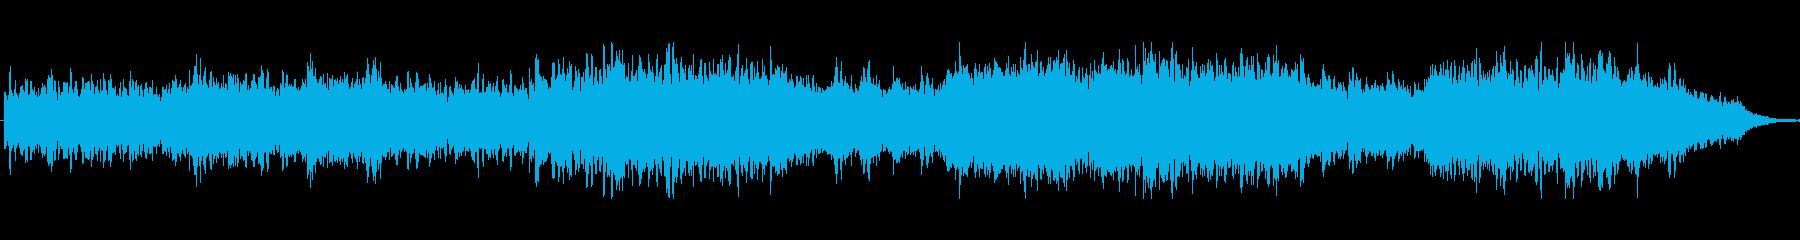 シンセが感傷的なアンビエントな楽曲の再生済みの波形